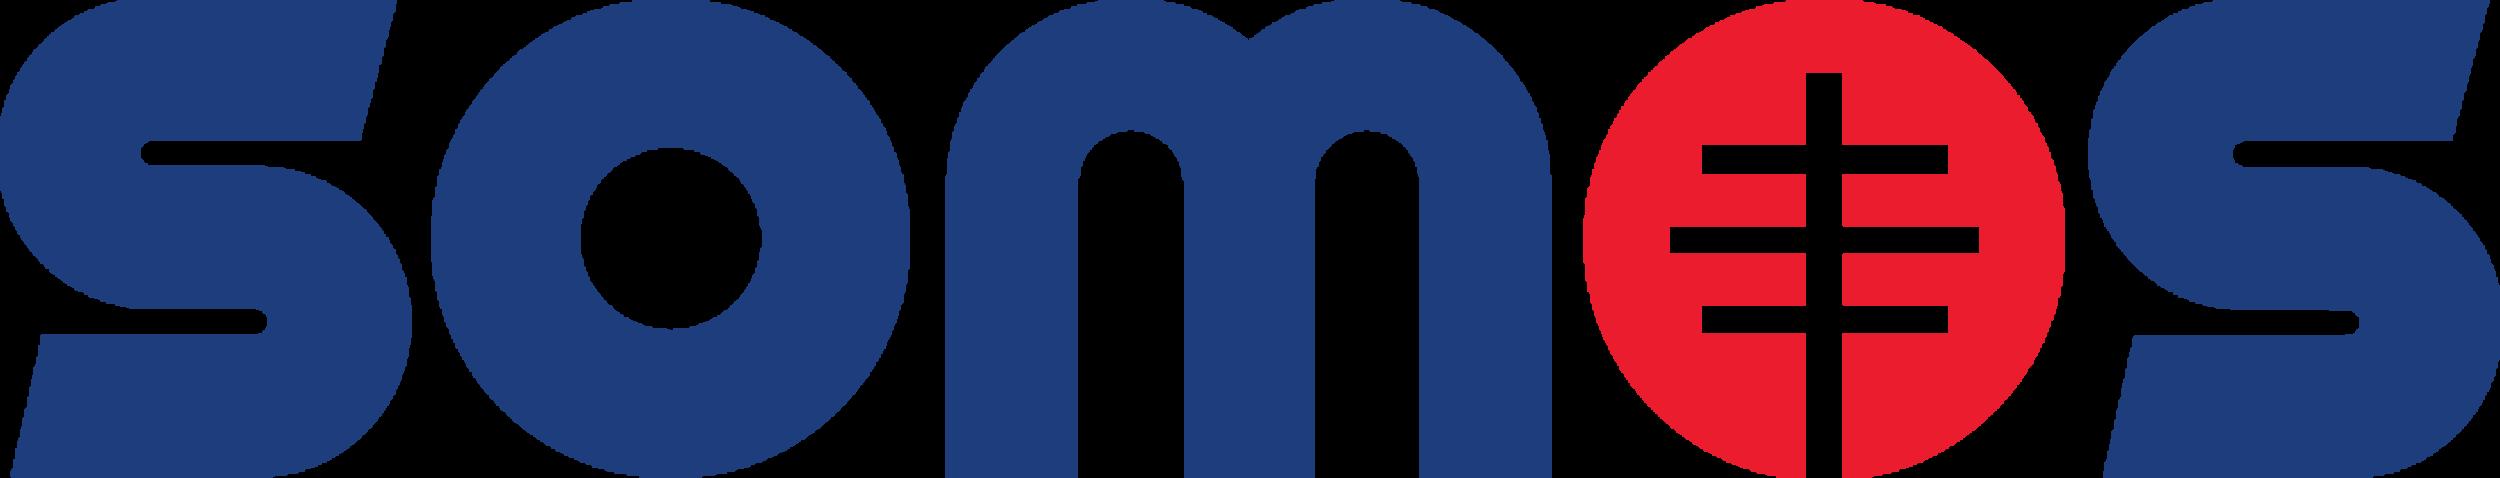 SOMOS_Logo.png